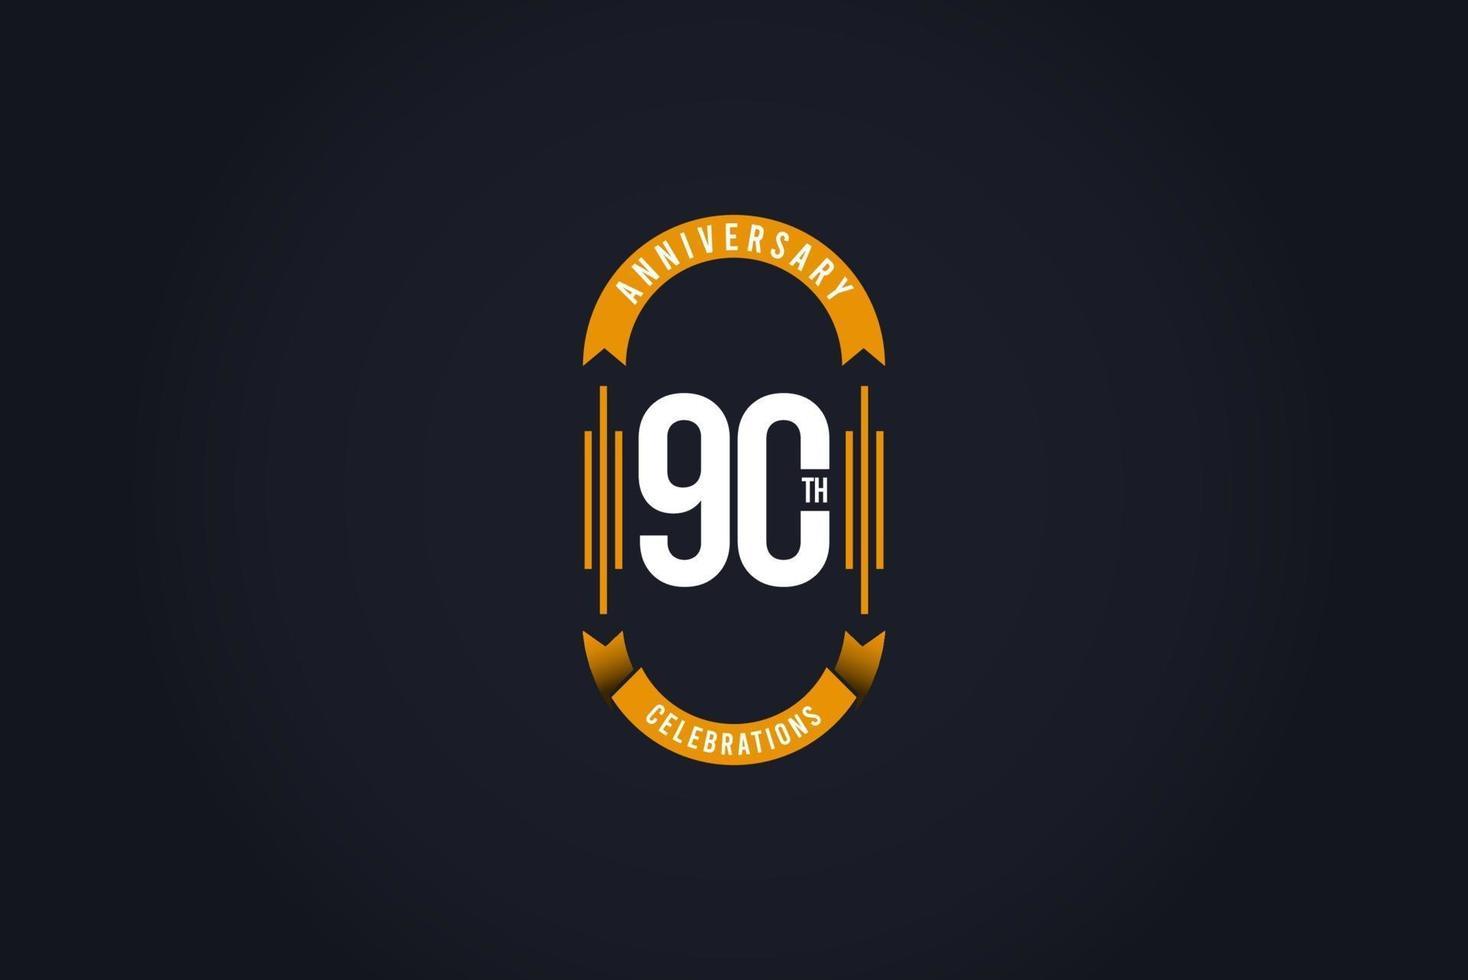 Ilustração do projeto do modelo do logotipo da celebração do 90º aniversário vetor